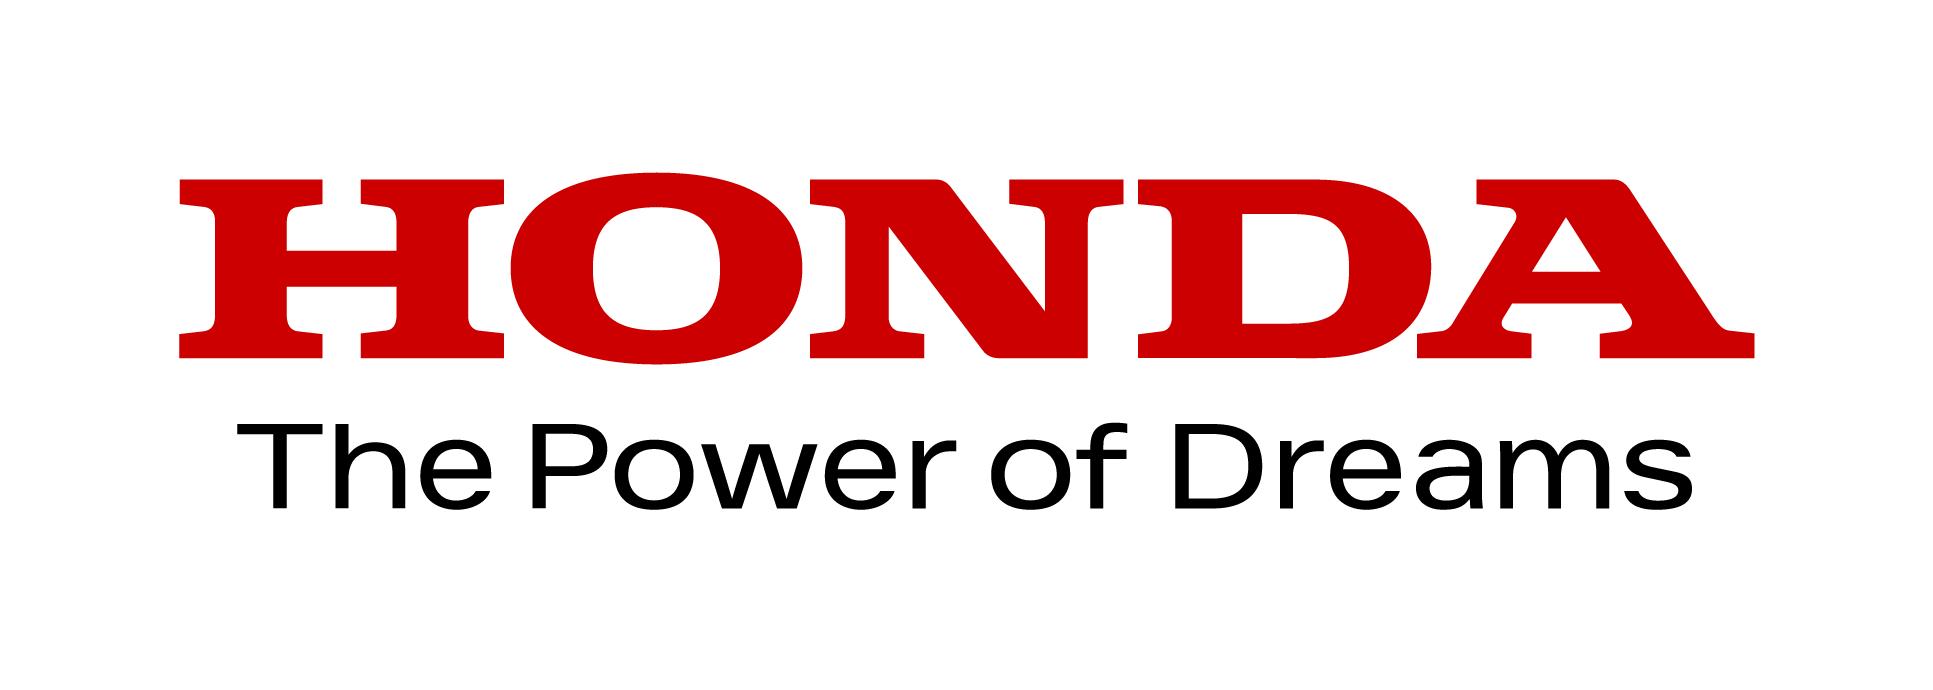 Honda Việt Nam công bố kết quả hoạt động kinh doanh 6 tháng đầu năm năm tài chính 2021(*)